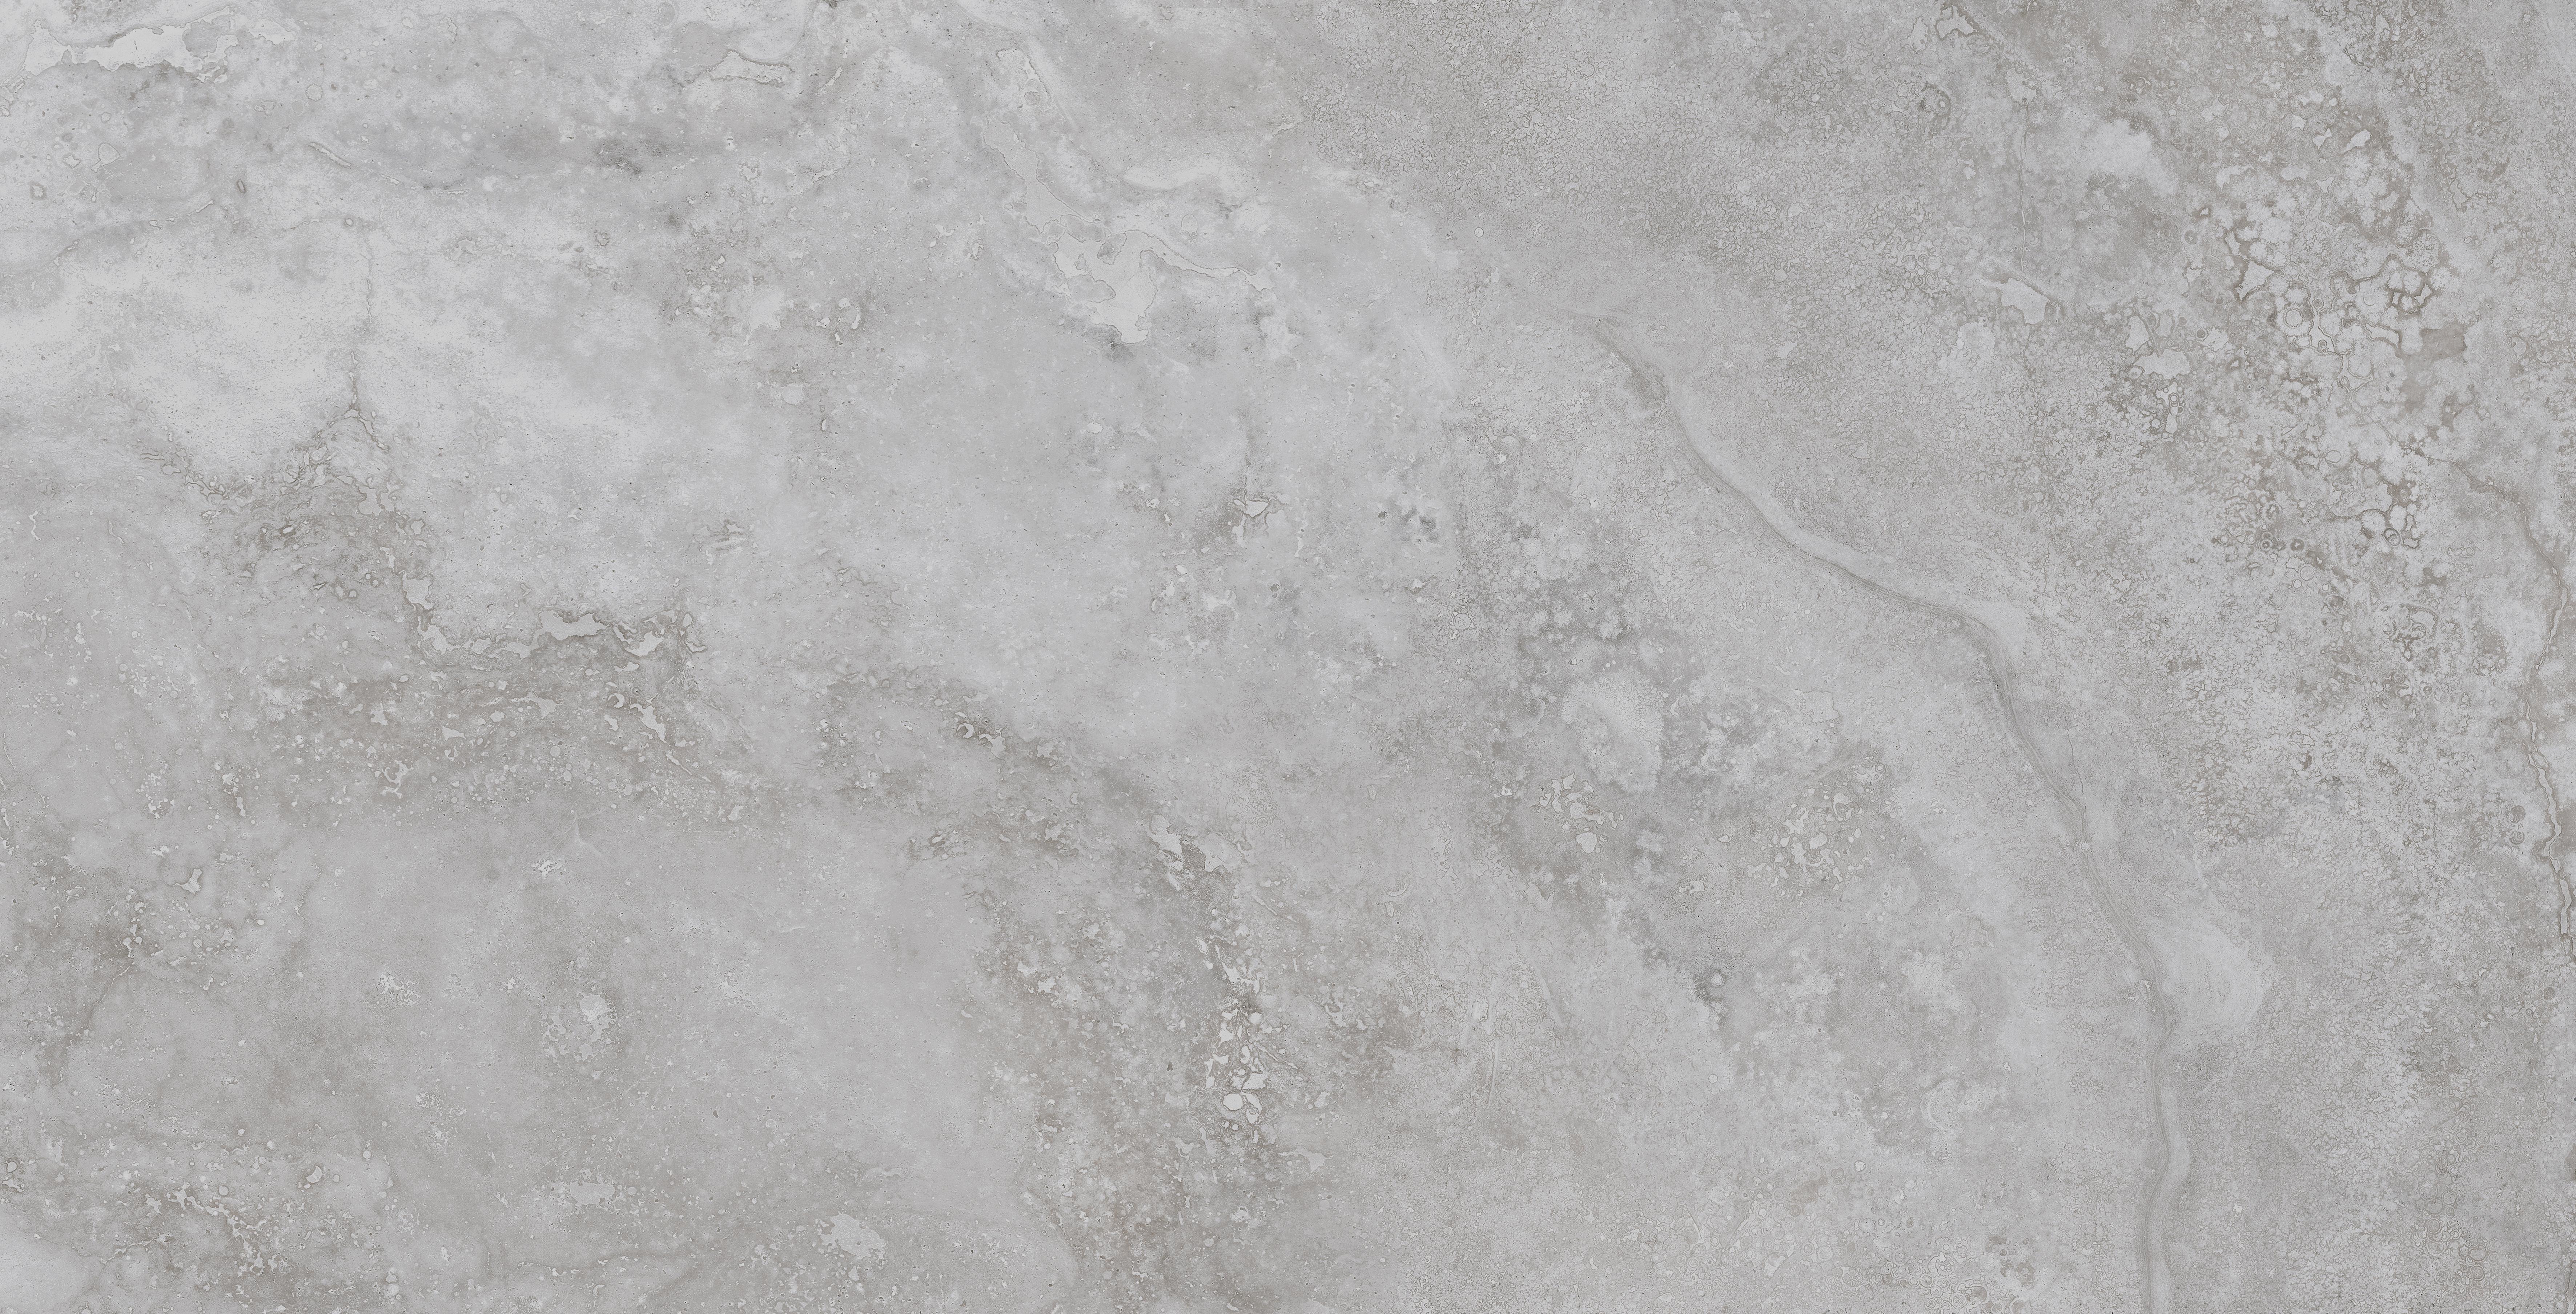 0163846, Italian Icon, Harmaa, lattia,pakkasenkesto,liukastumisenesto,uimahalli